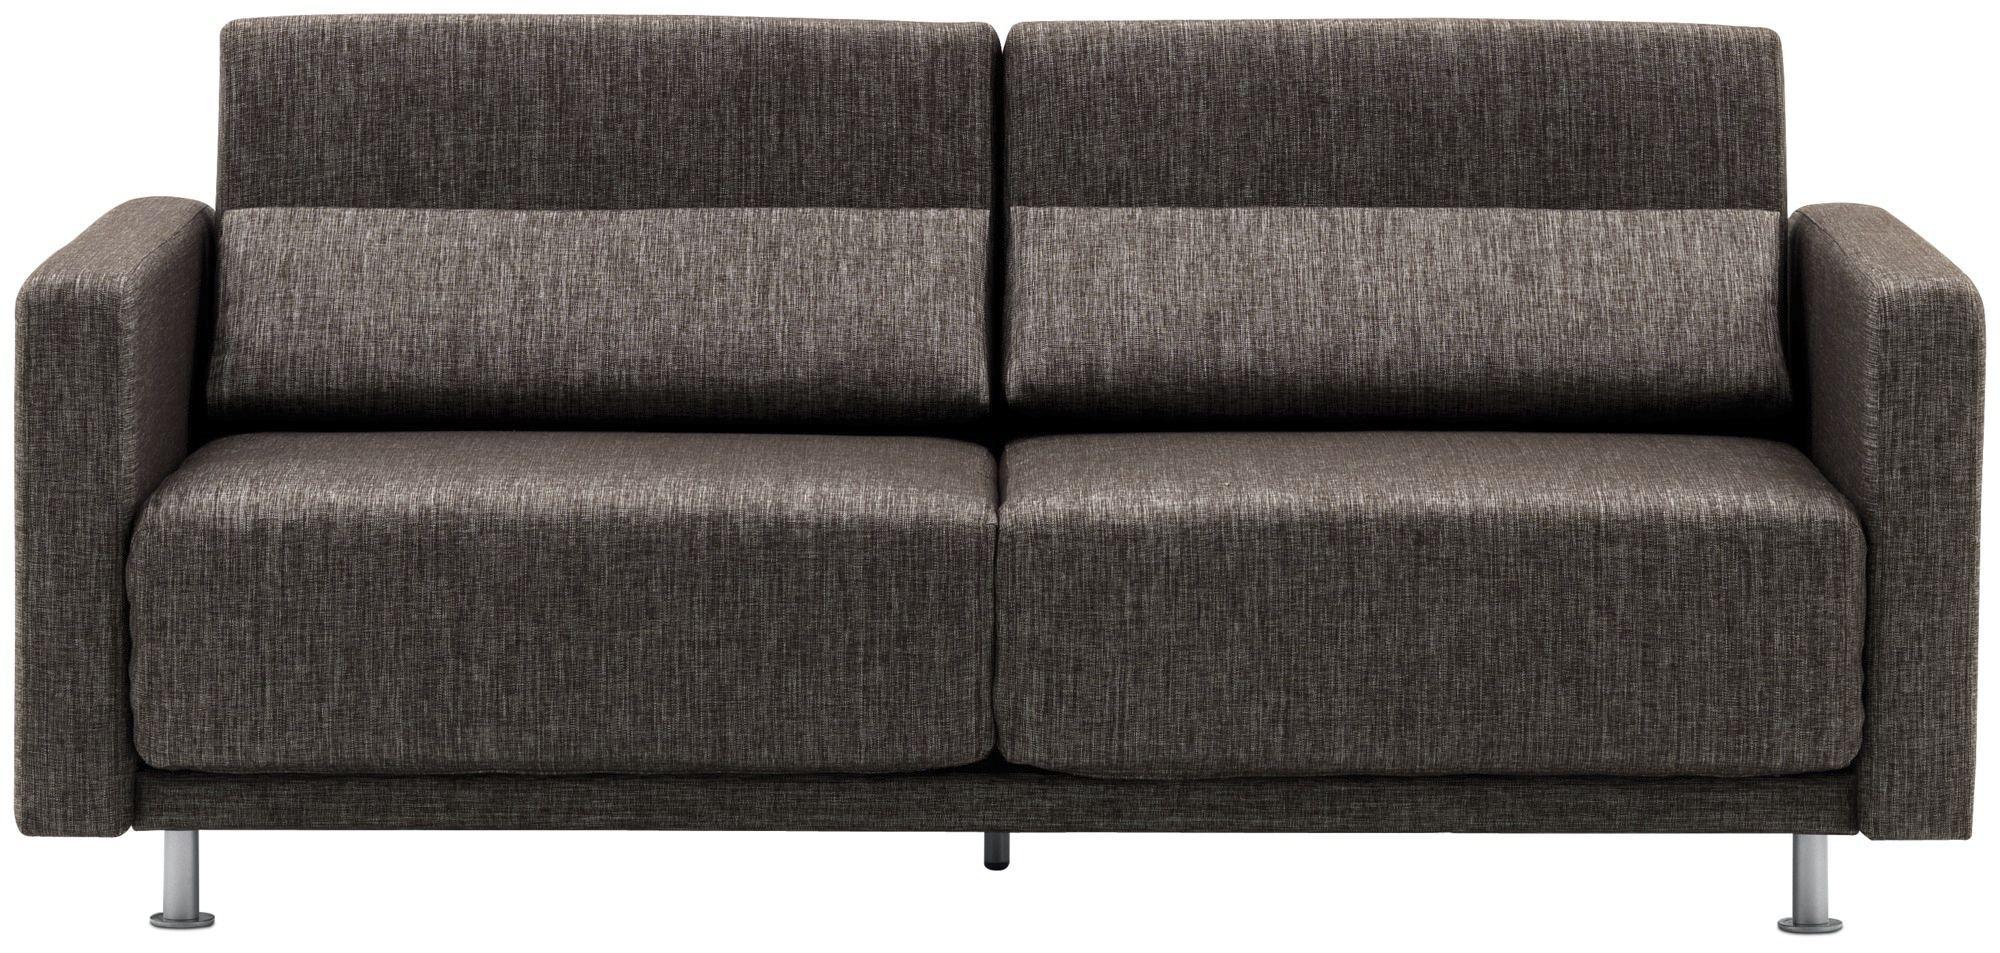 canap lit contemporain en tissu 25 places melo